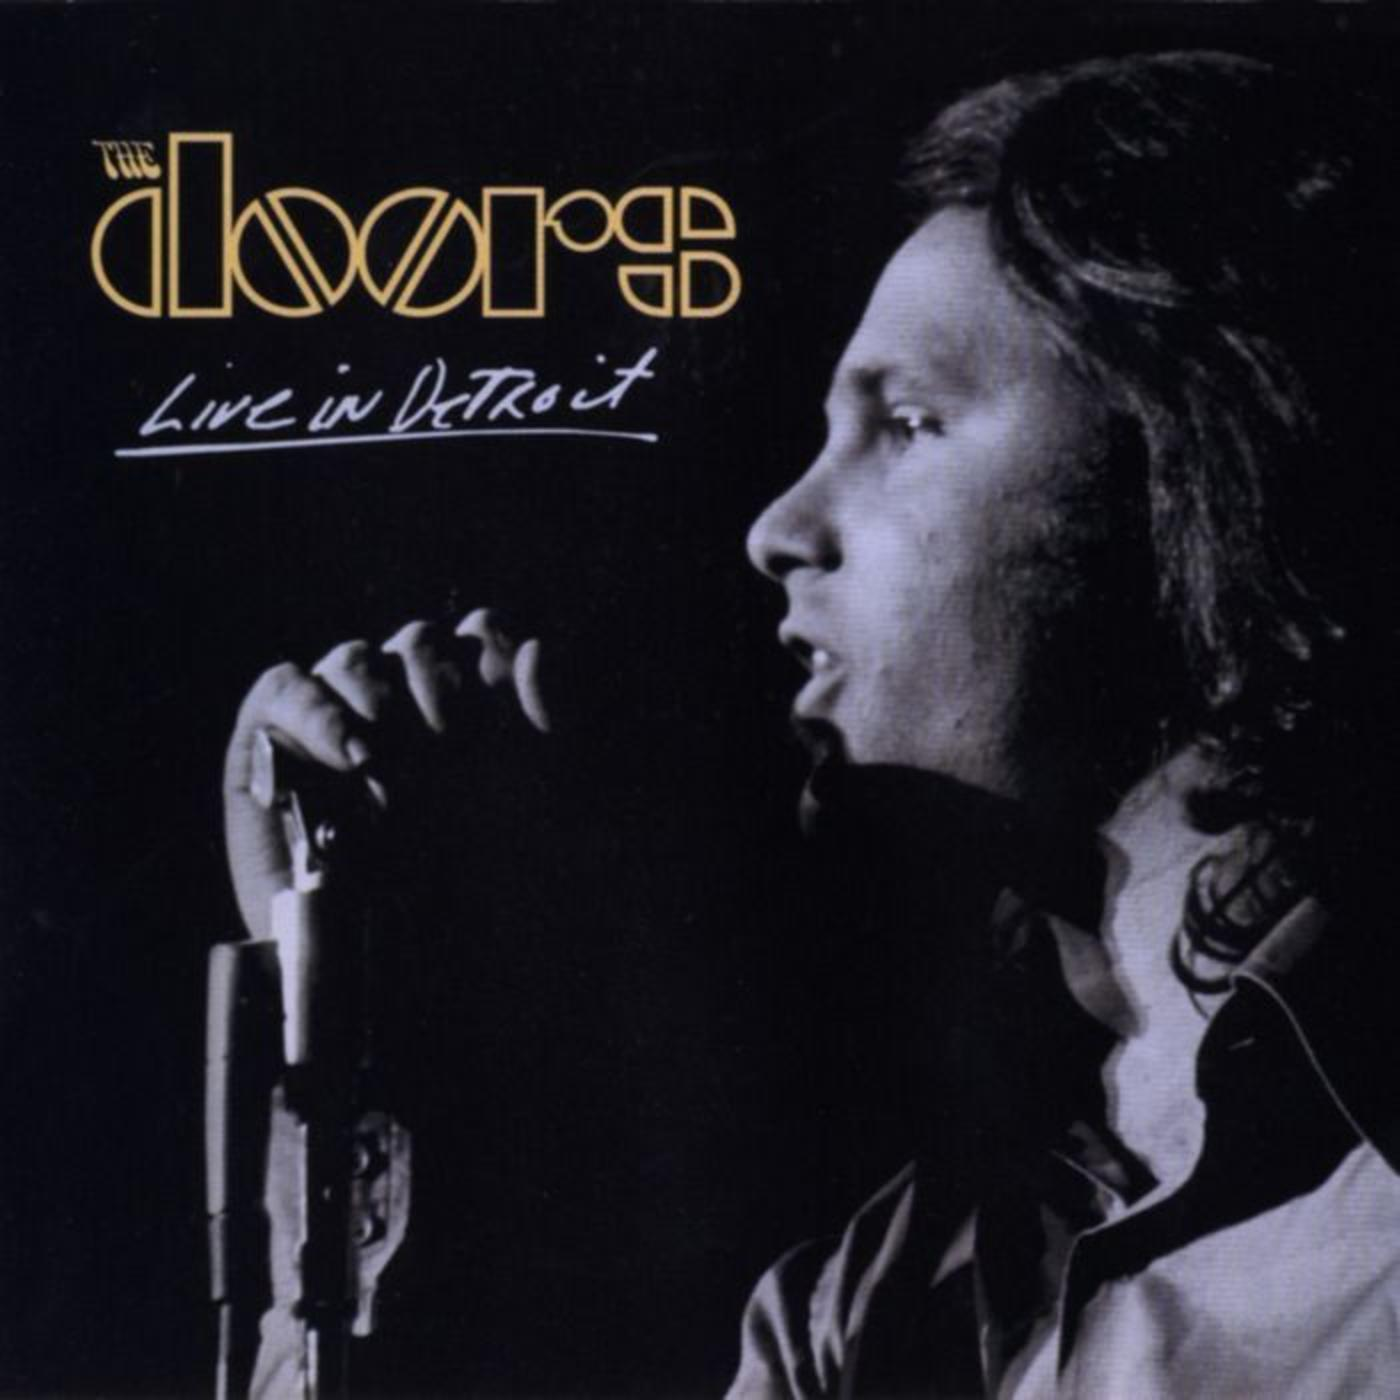 Live In Detroit. The Doors